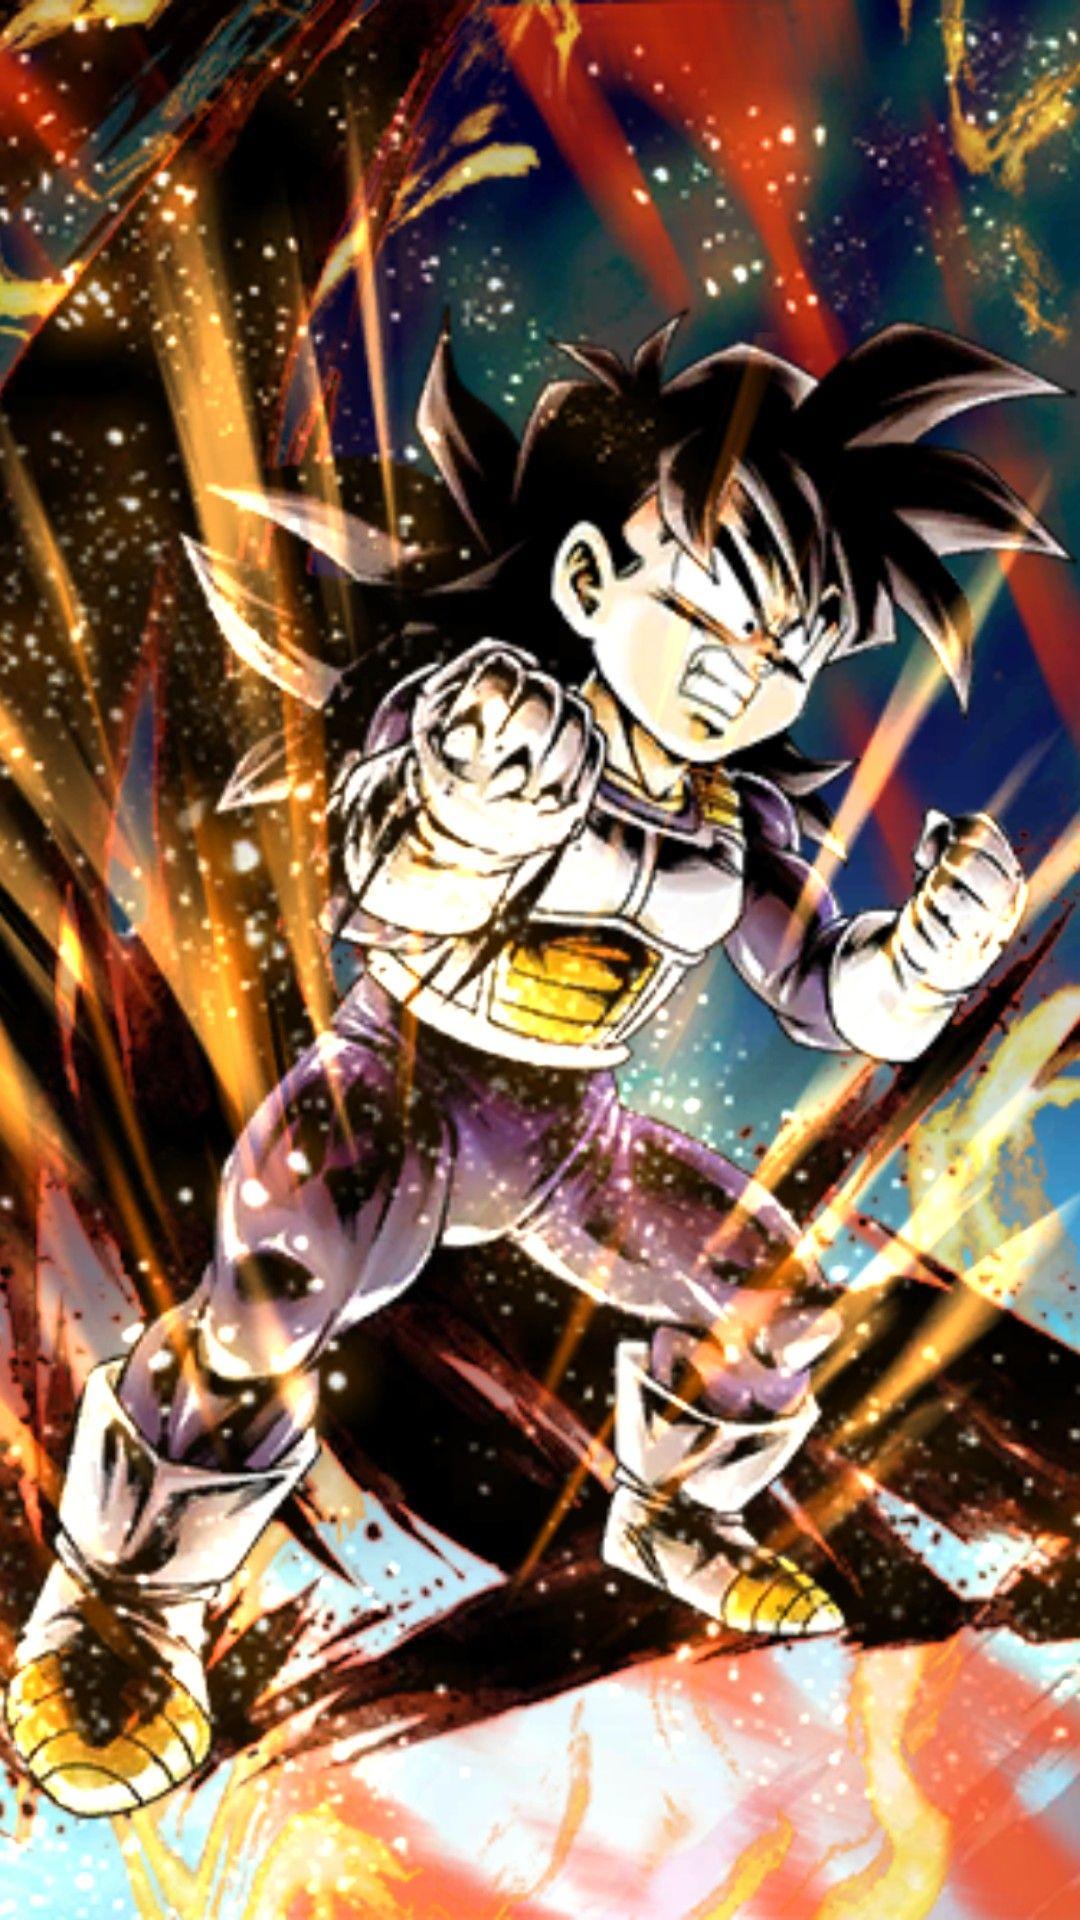 Pin By Laku On Dragon Ball Super Dragon Ball Dragon Ball